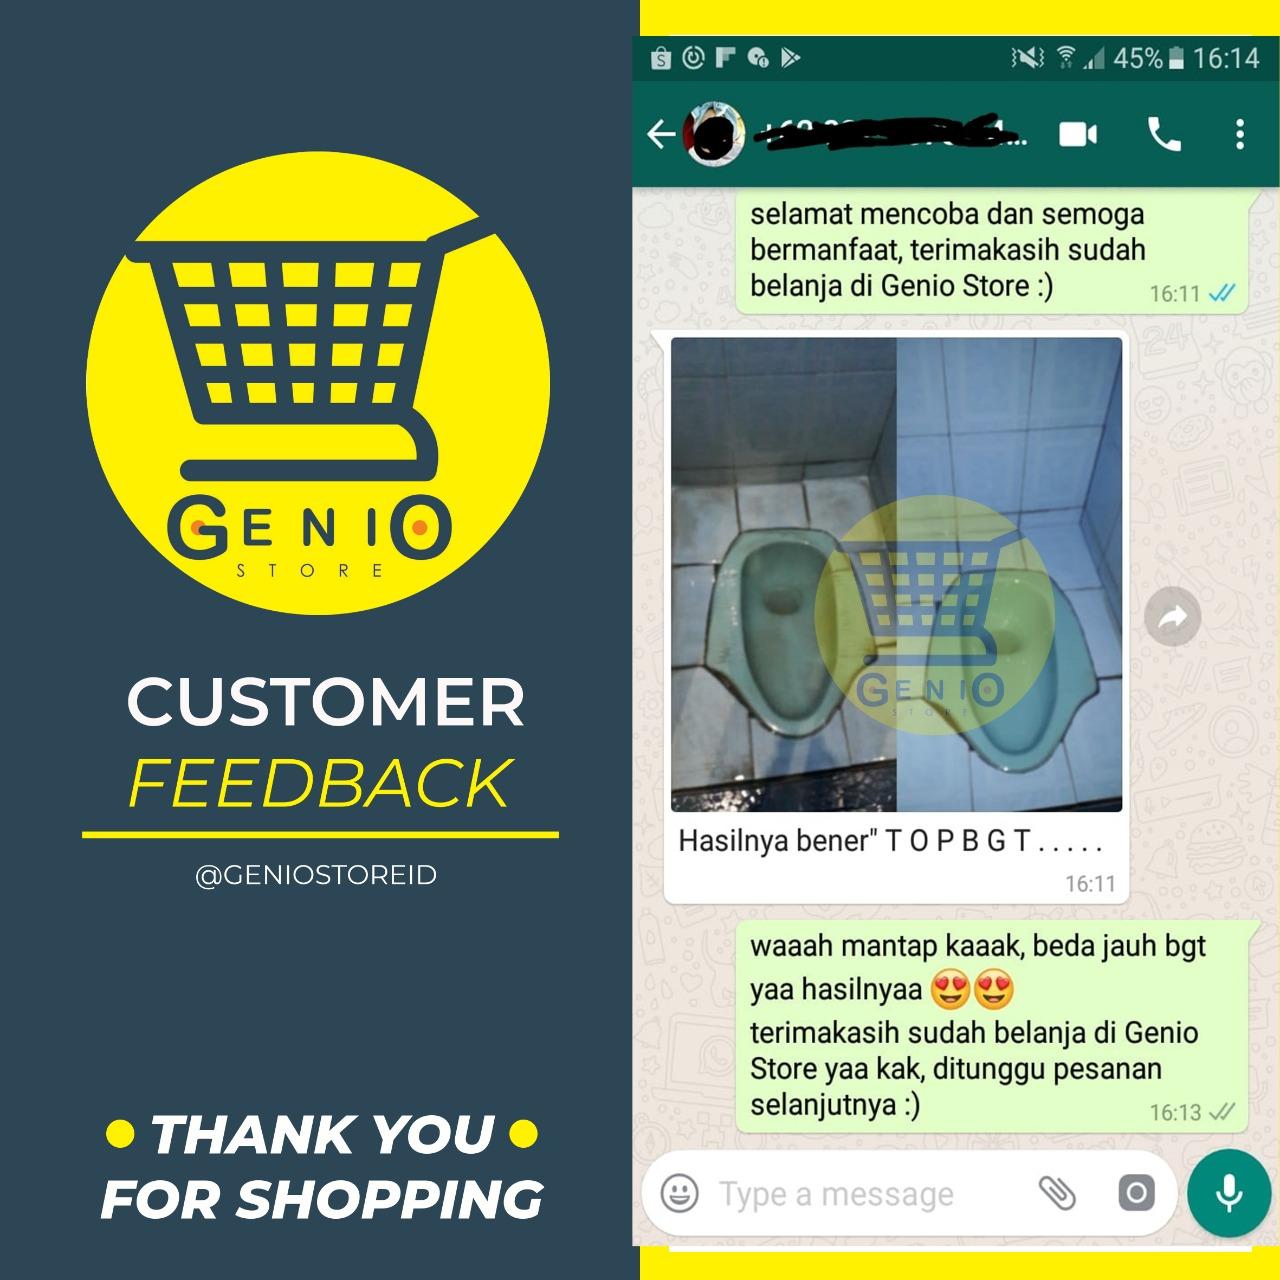 WhatsApp-Image-2020-09-01-at-15.04.11-1-1.jpeg